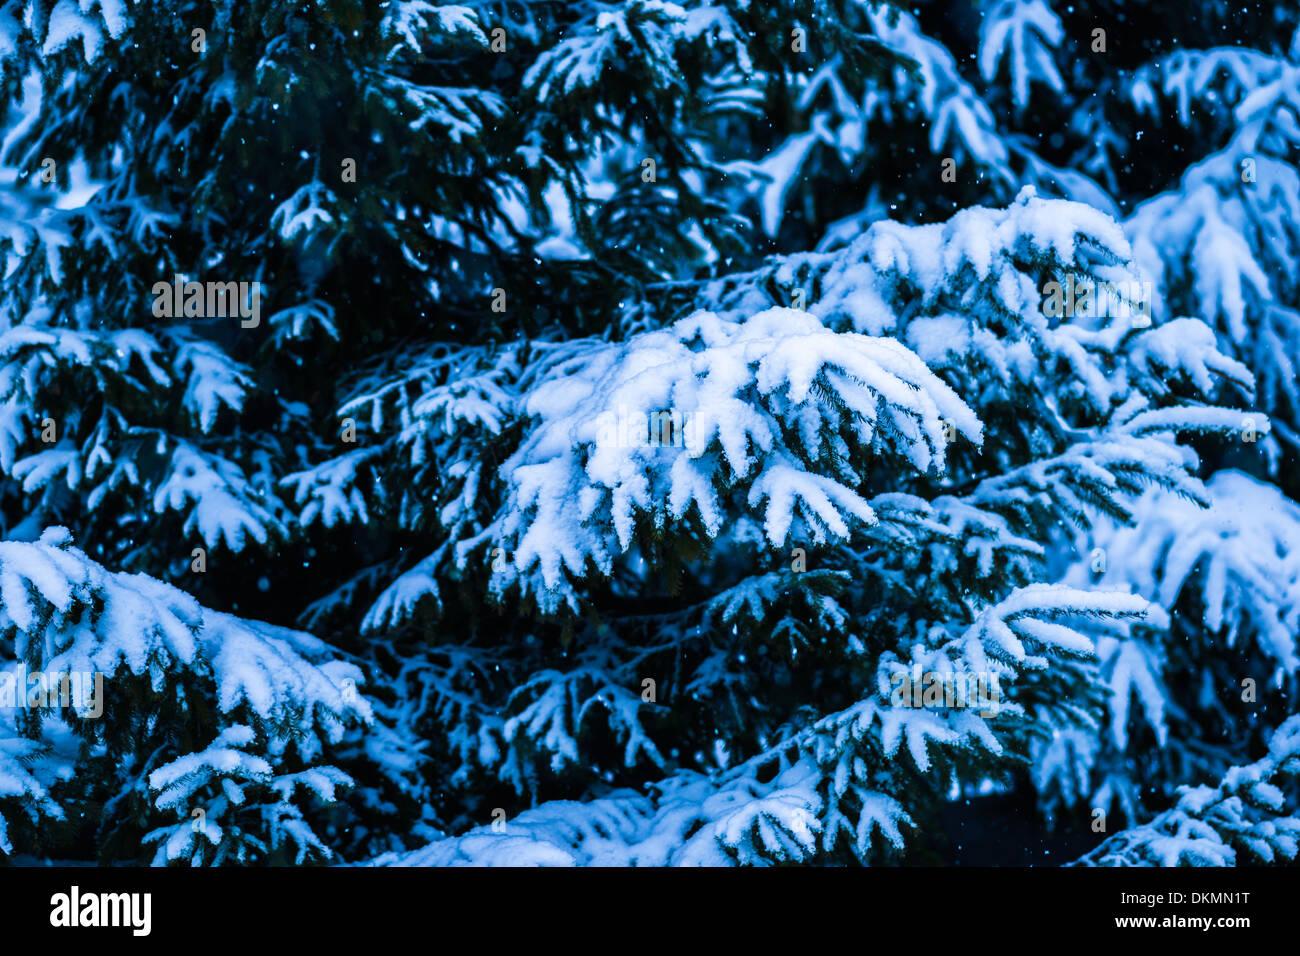 Countryside Xmas Christmas Holidays Stock Photos